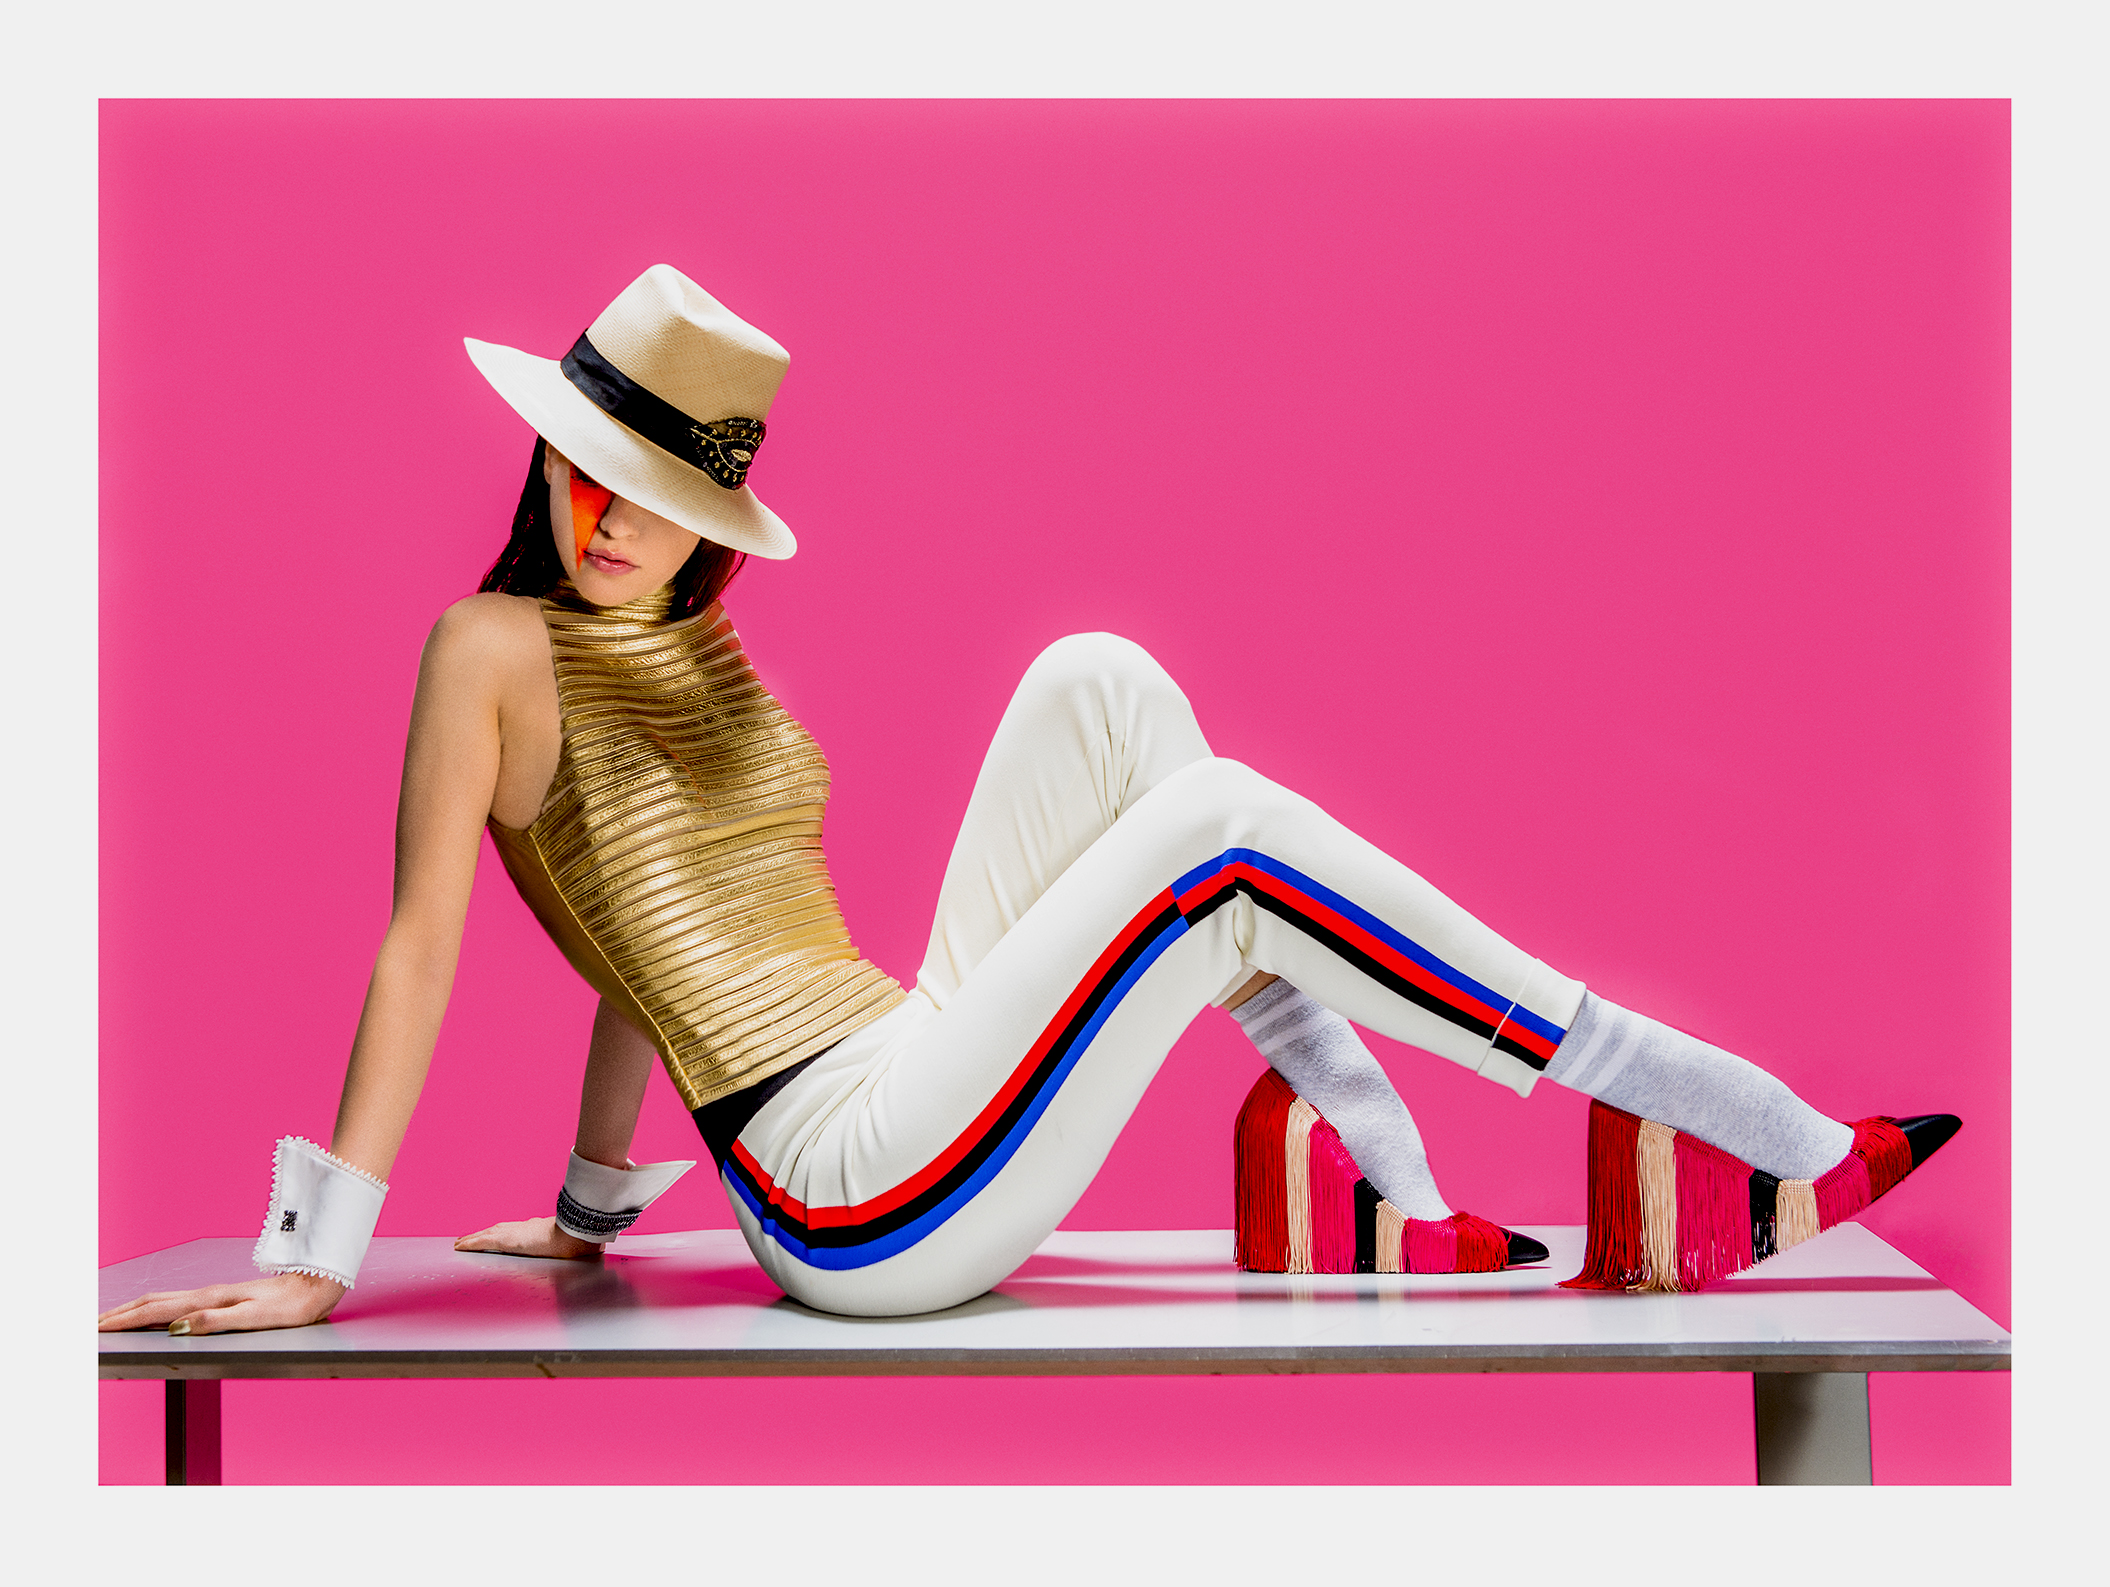 Top - JITROIS Pantalon - KNITSS Chaussures - PAULE KA Manchettes - CATHERINE OSTI Panama - THEPANAMASHOP